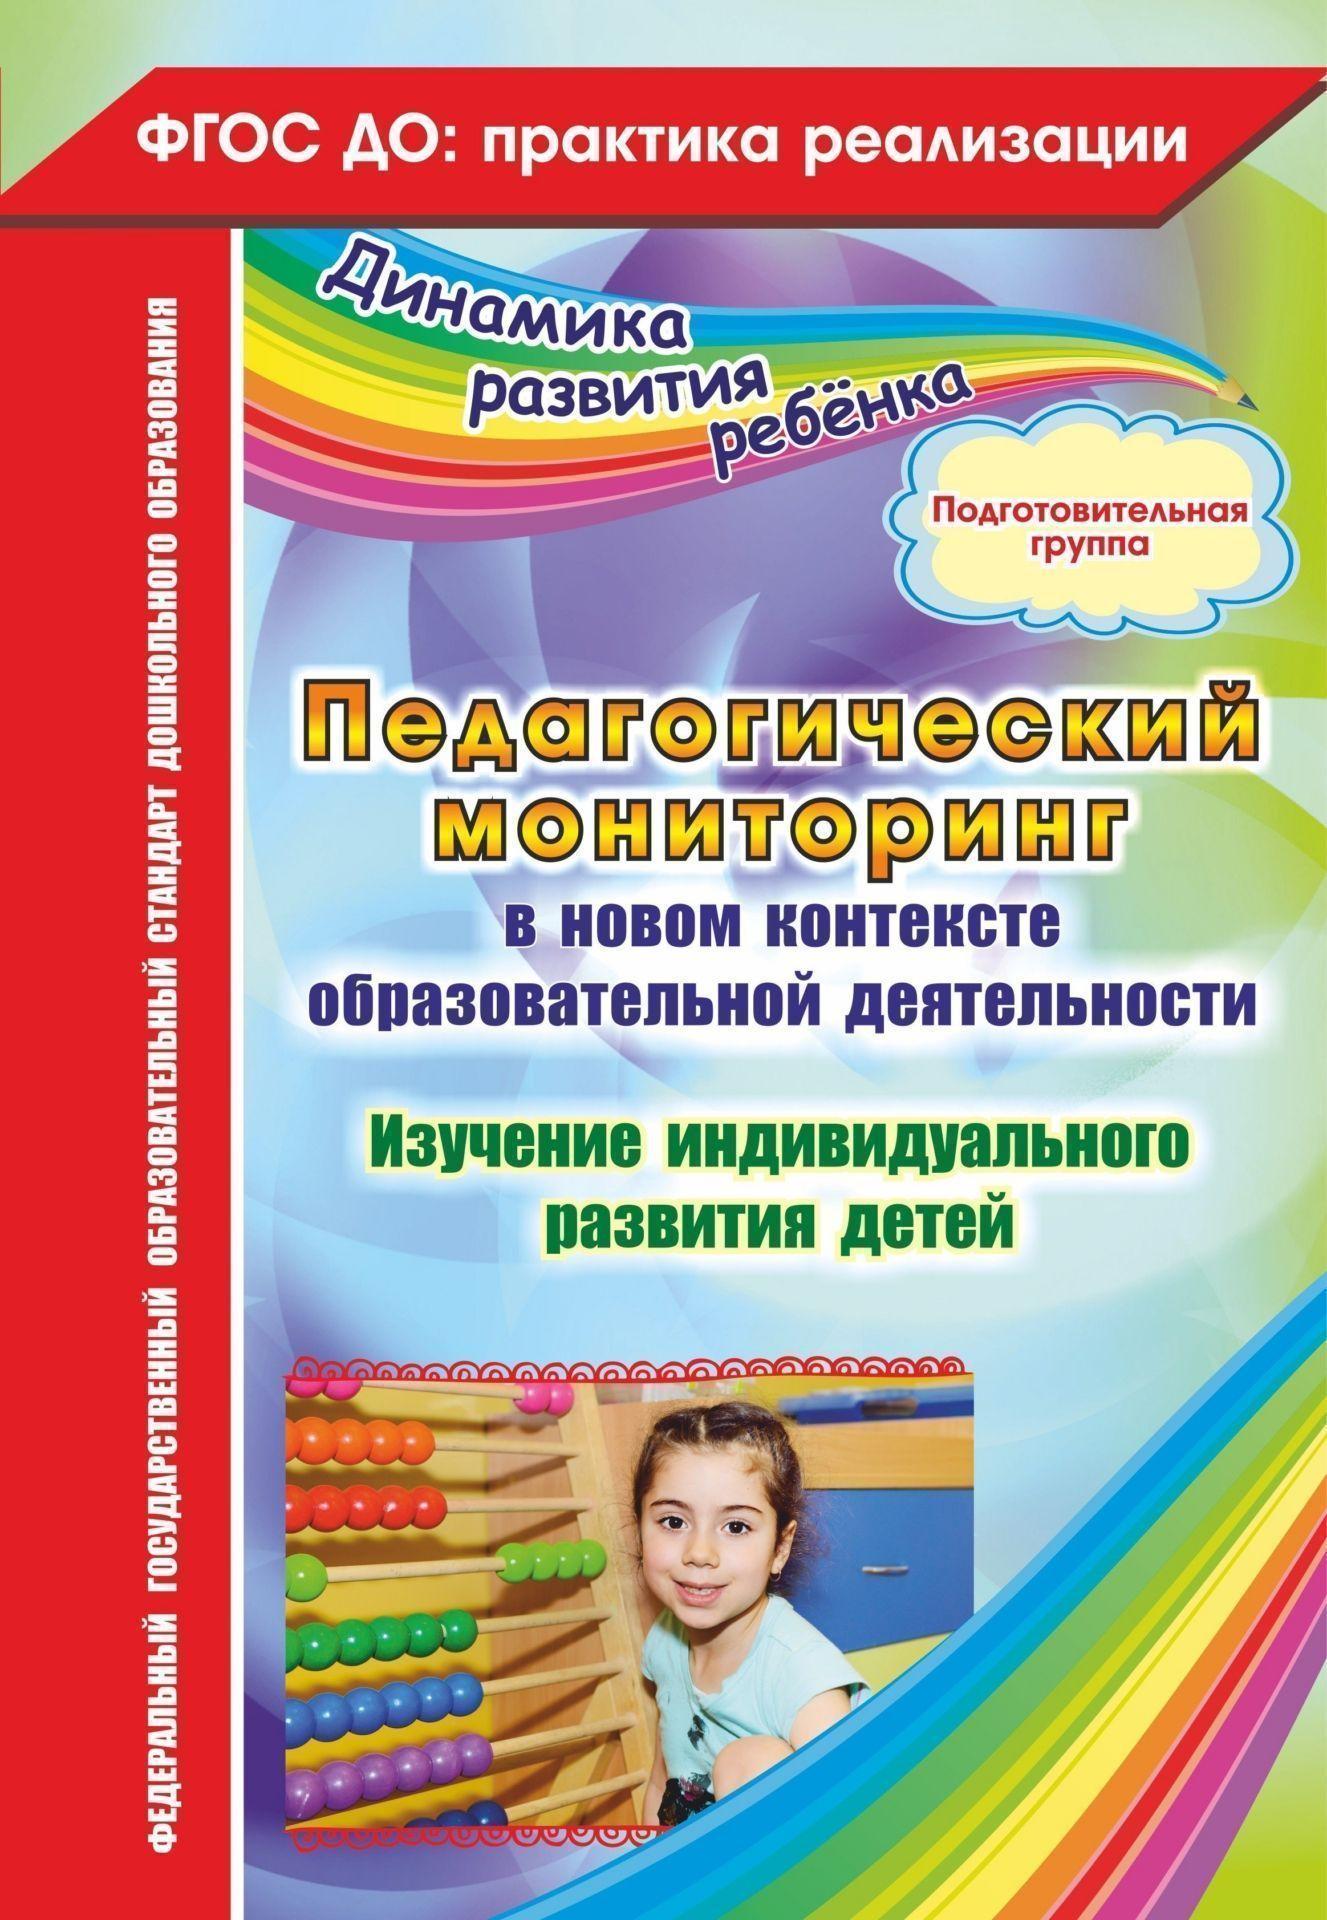 Педагогический мониторинг в новом контексте образовательной деятельности. Изучение индивидуального развития детей. Подготовительная группа. Программа для установки через Интернет